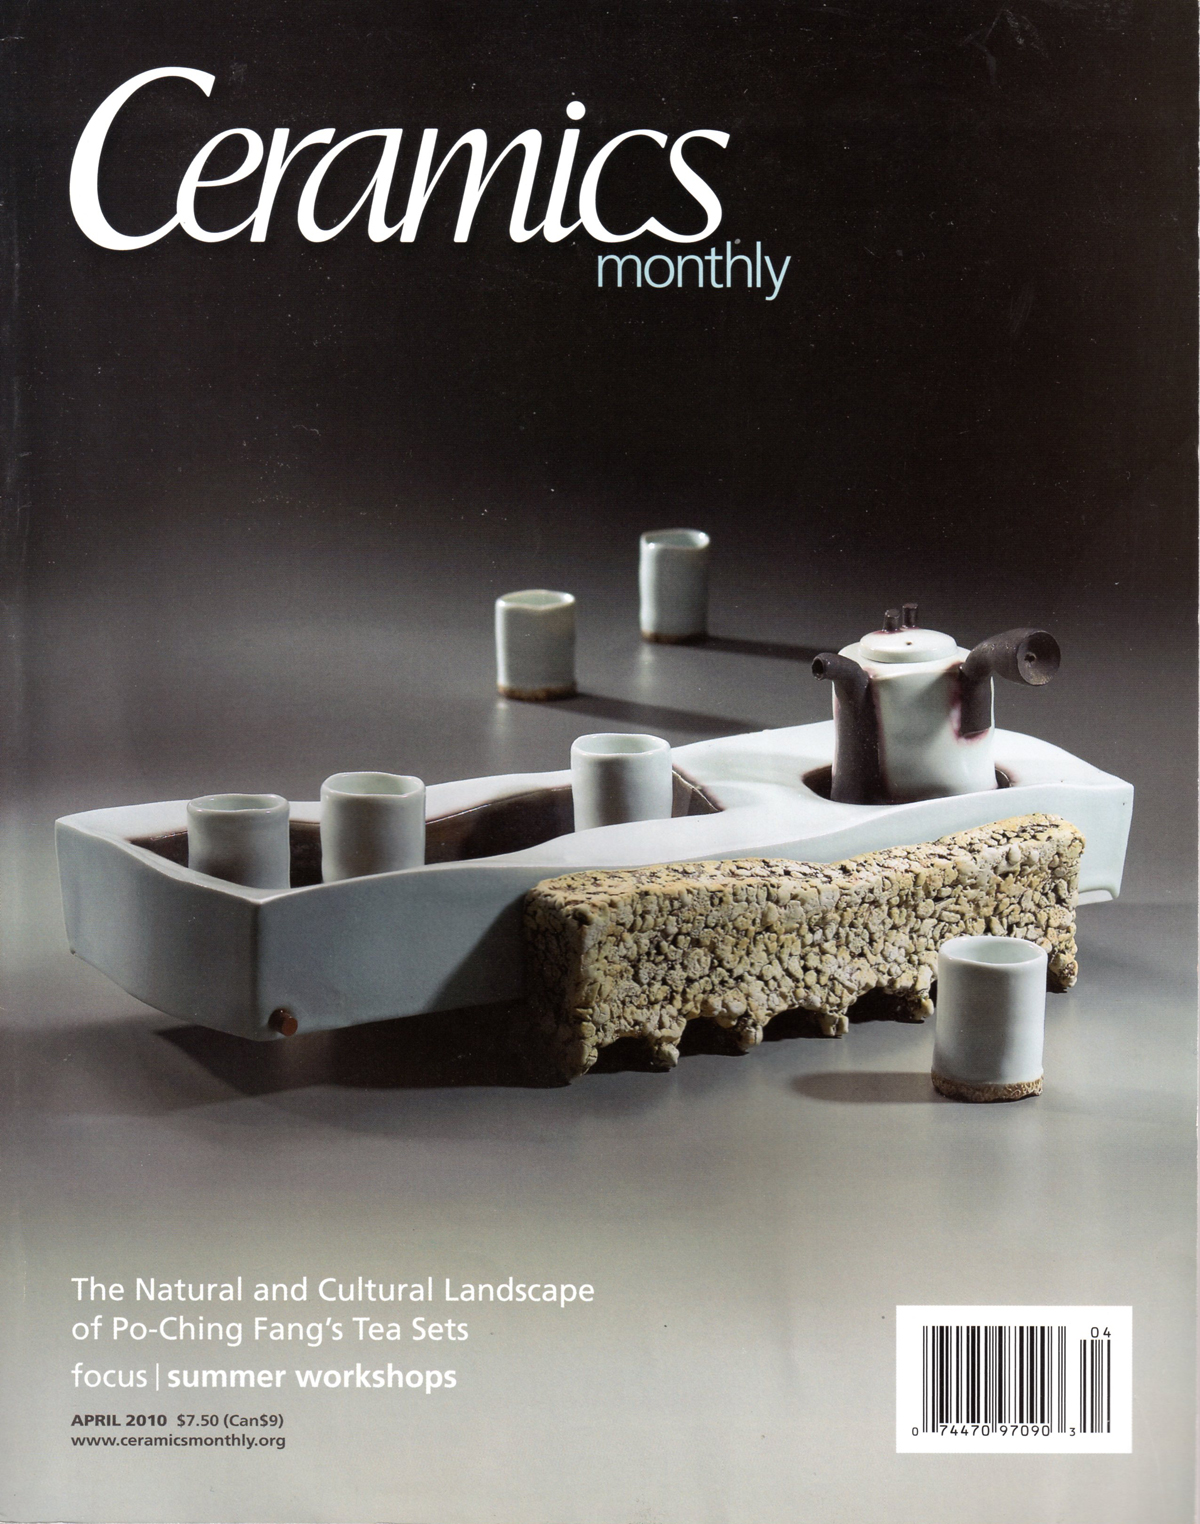 Ceramics Monthly April 2010